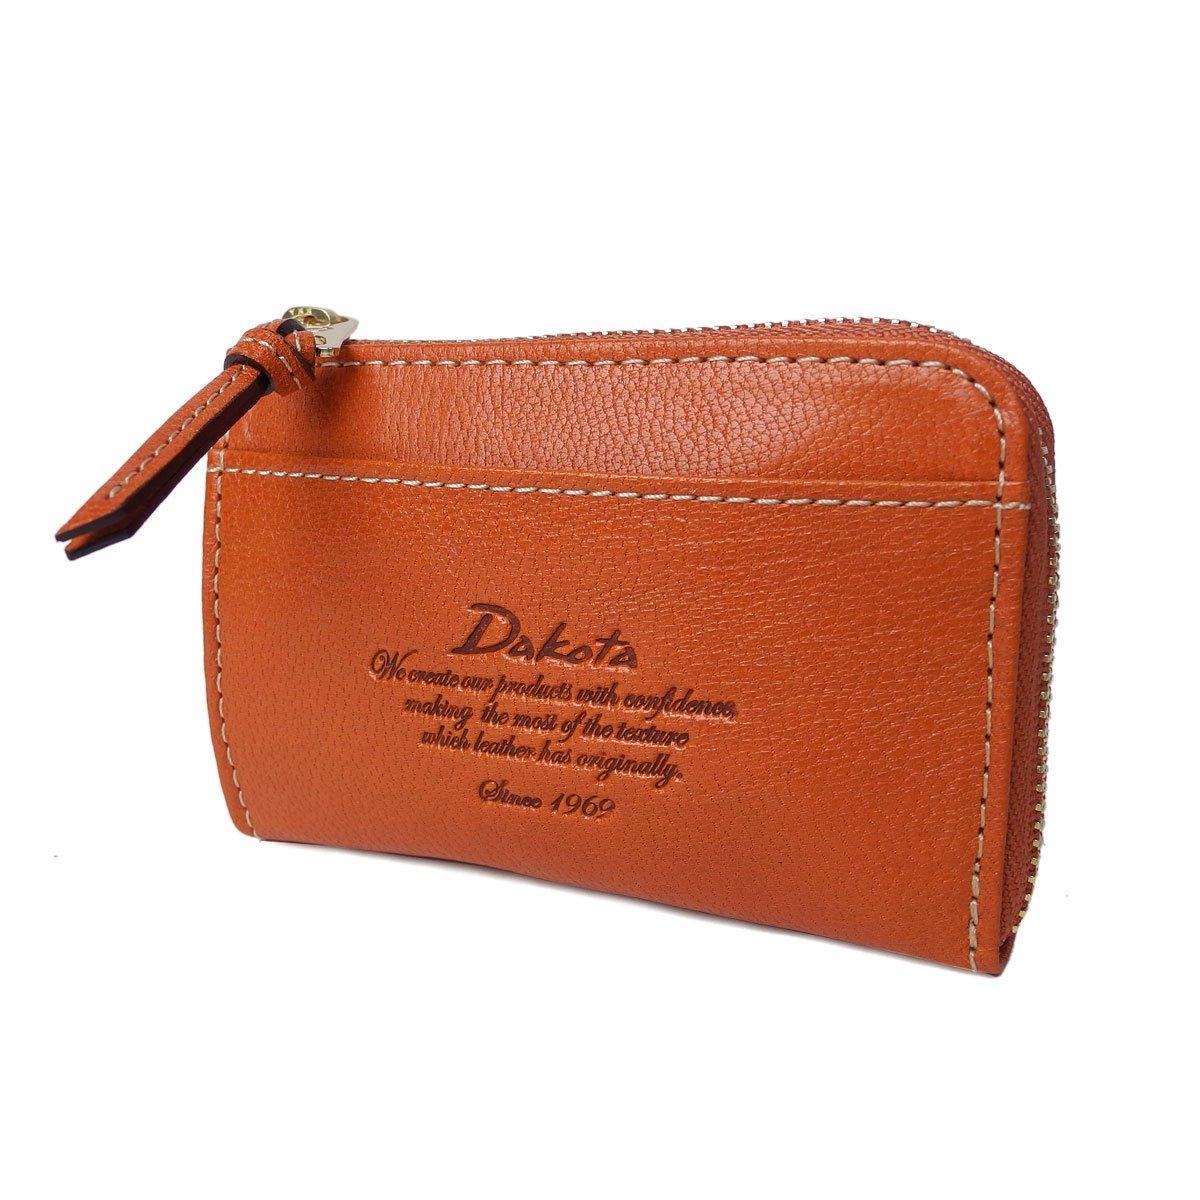 [ダコタ] Dakota 小銭入れ パスケース 定期入れ コインケース 0035090 (0034090) モデルノシリーズ B008UKCLUE オレンジ オレンジ